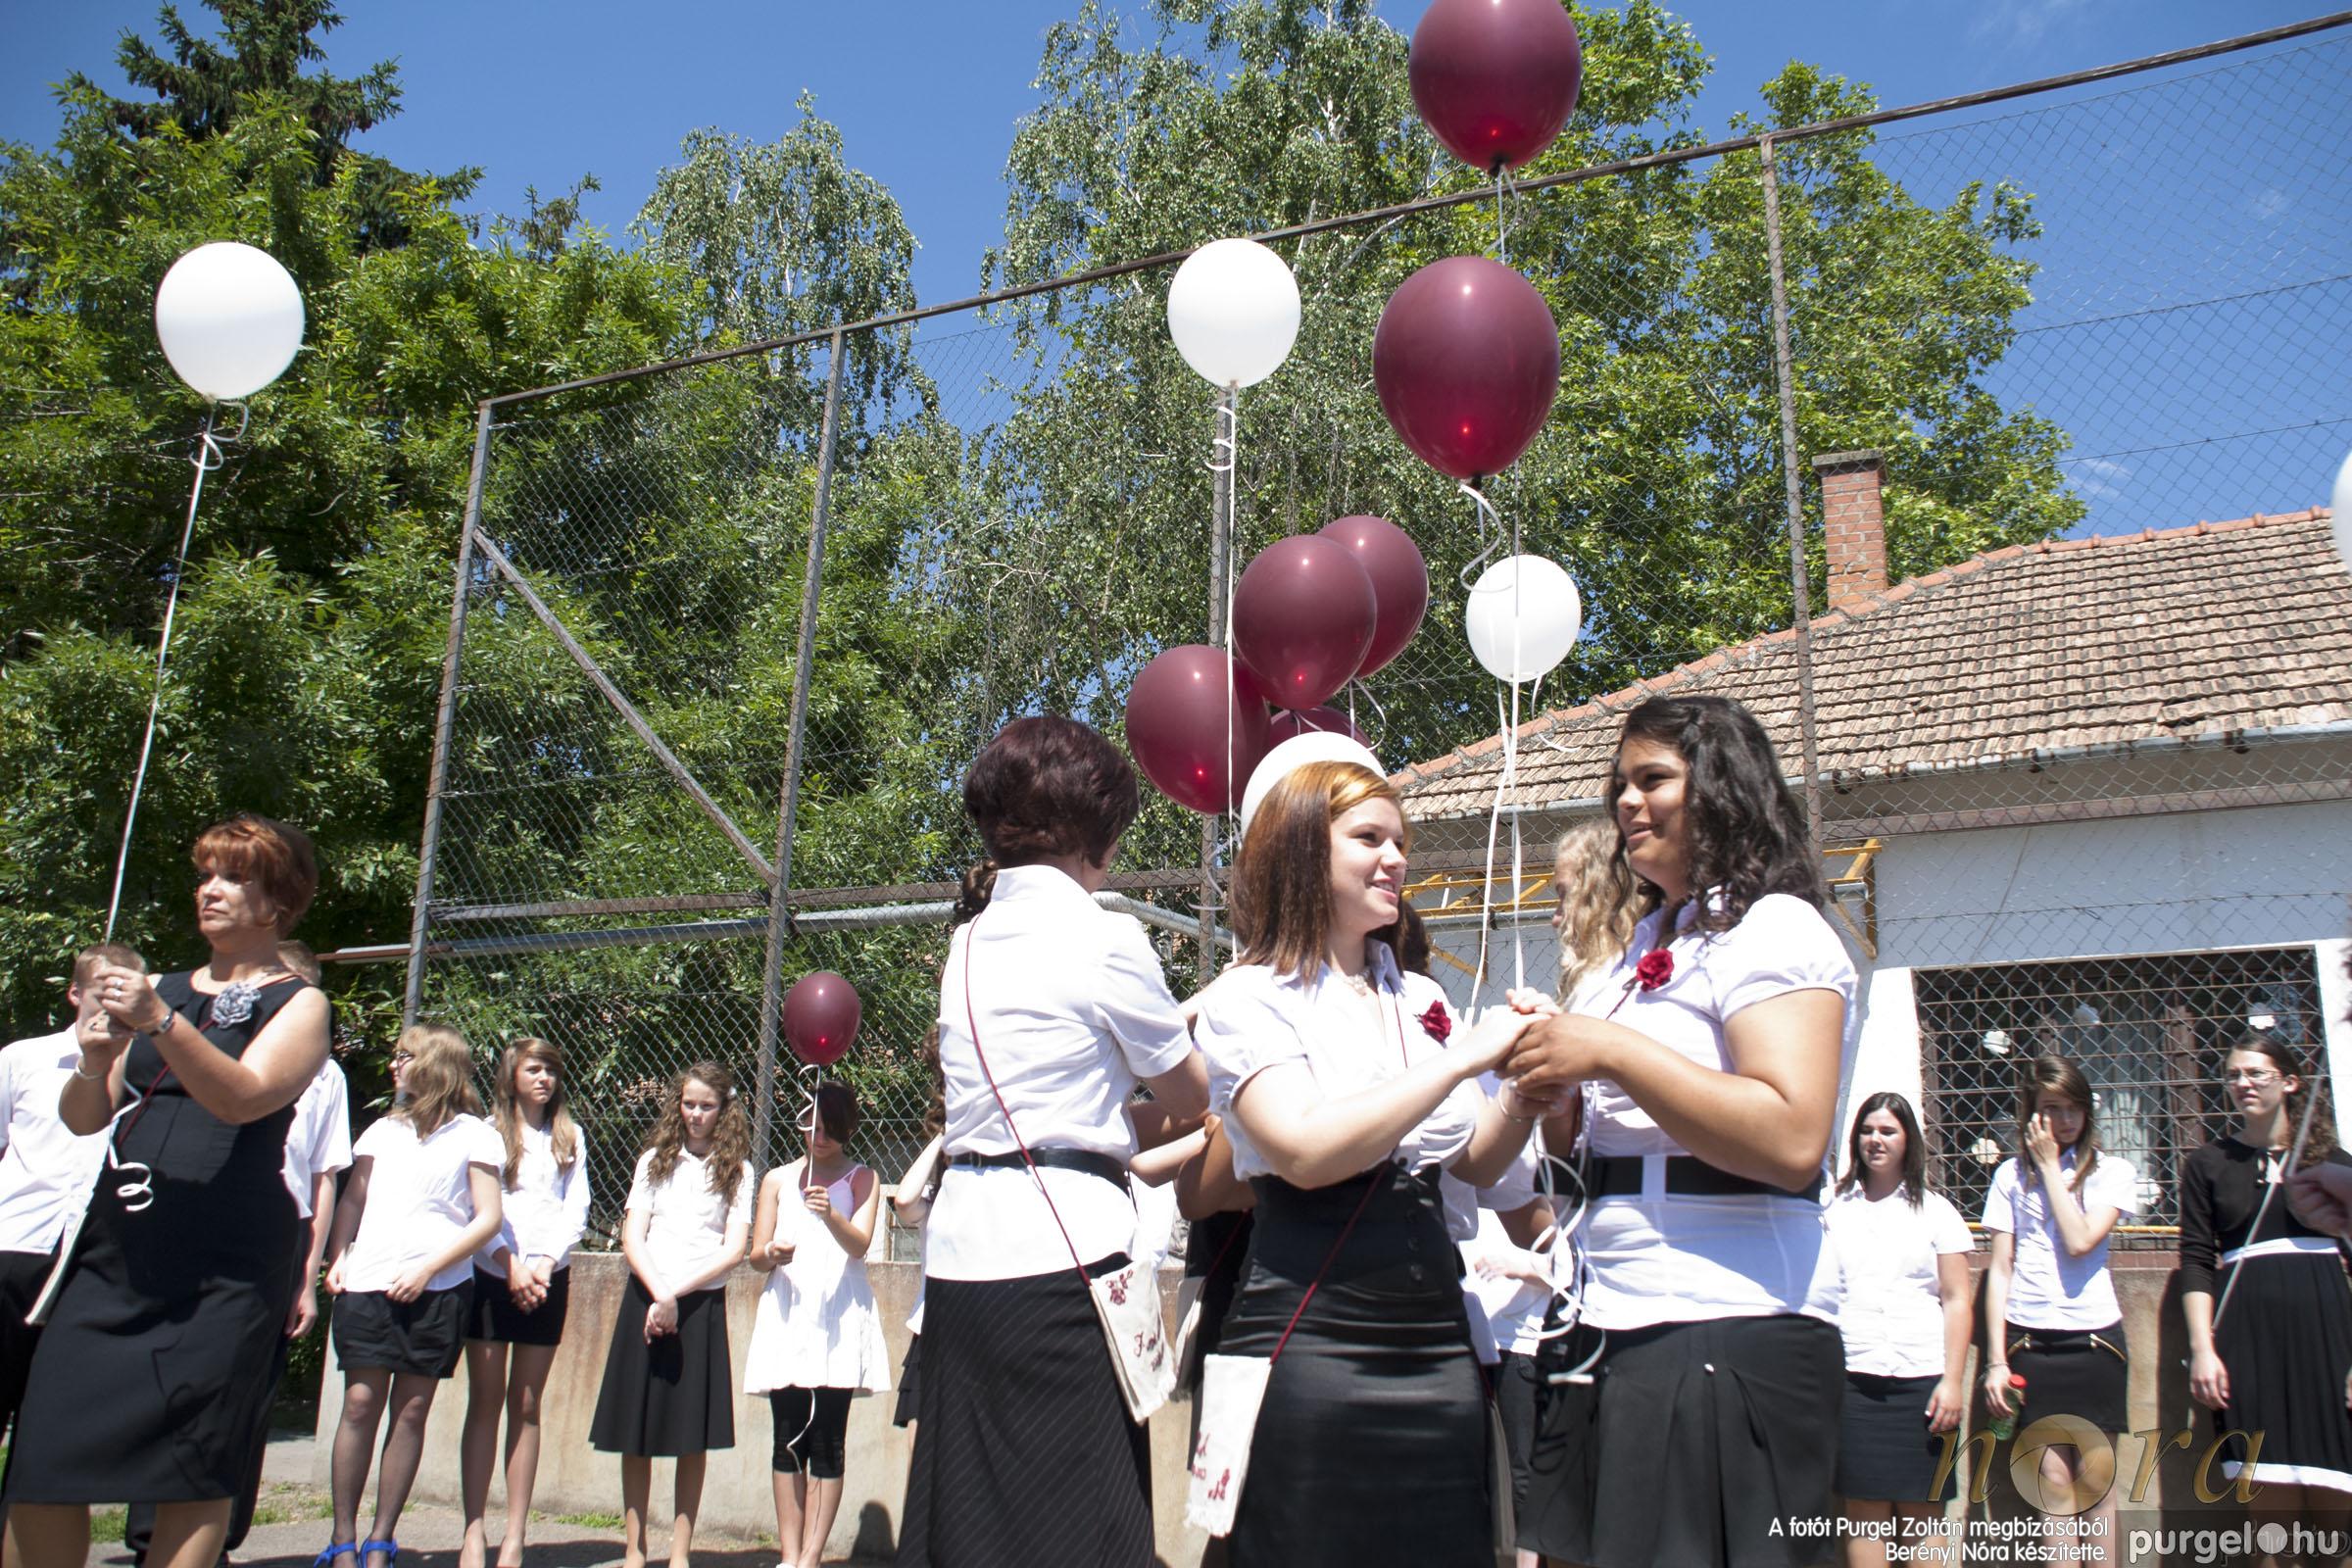 2013.06.15. 331 Forray Máté Általános Iskola ballagás 2013. - Fotó:BERÉNYI NÓRA© _MG_1431.JPG